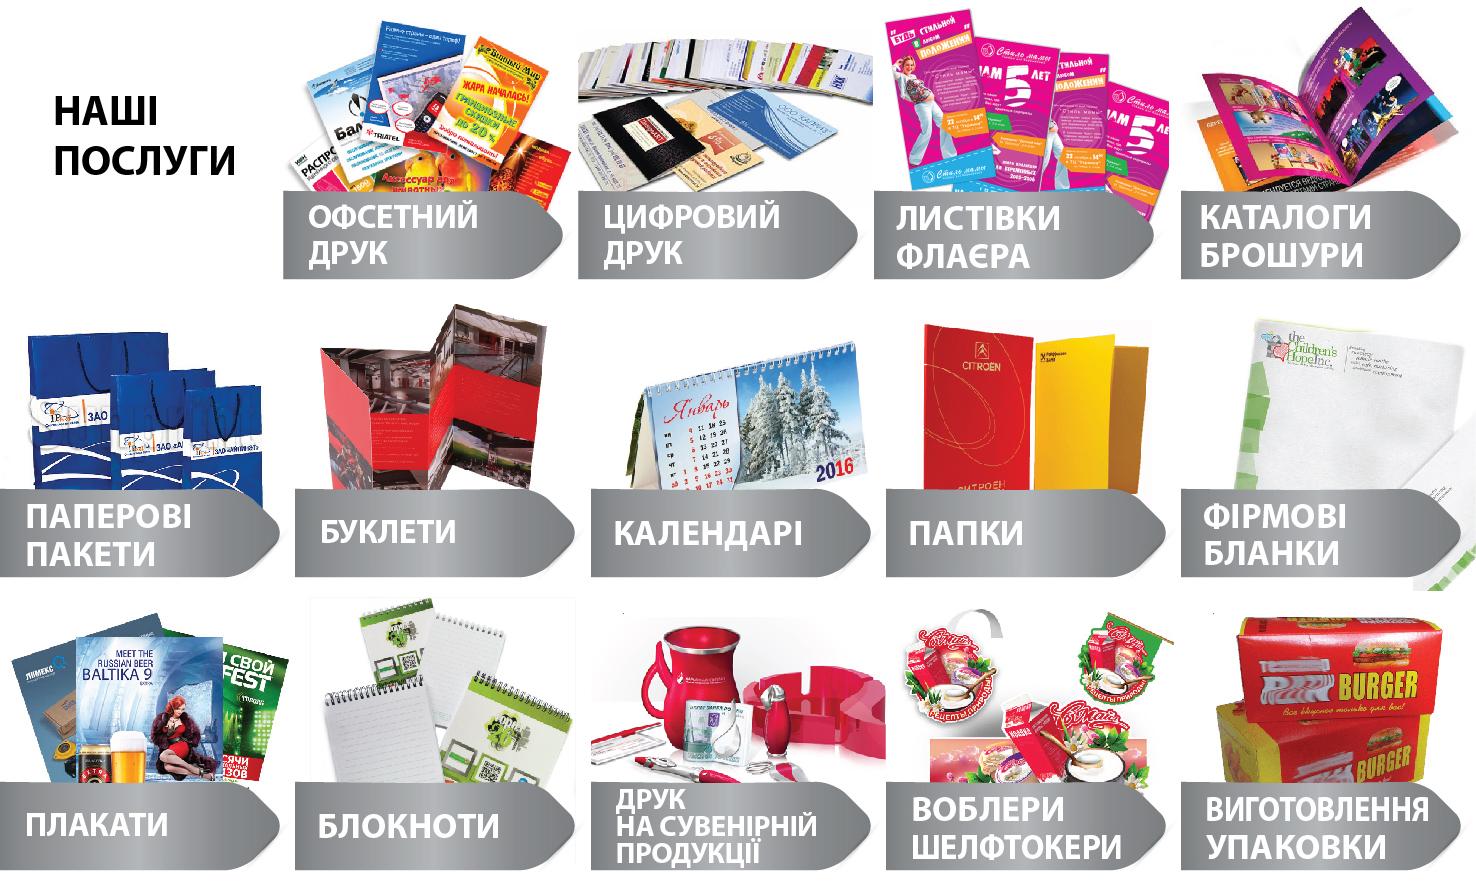 Друк листівок, каталогів і флаєрів. Друкарня в Києві., зображення 1